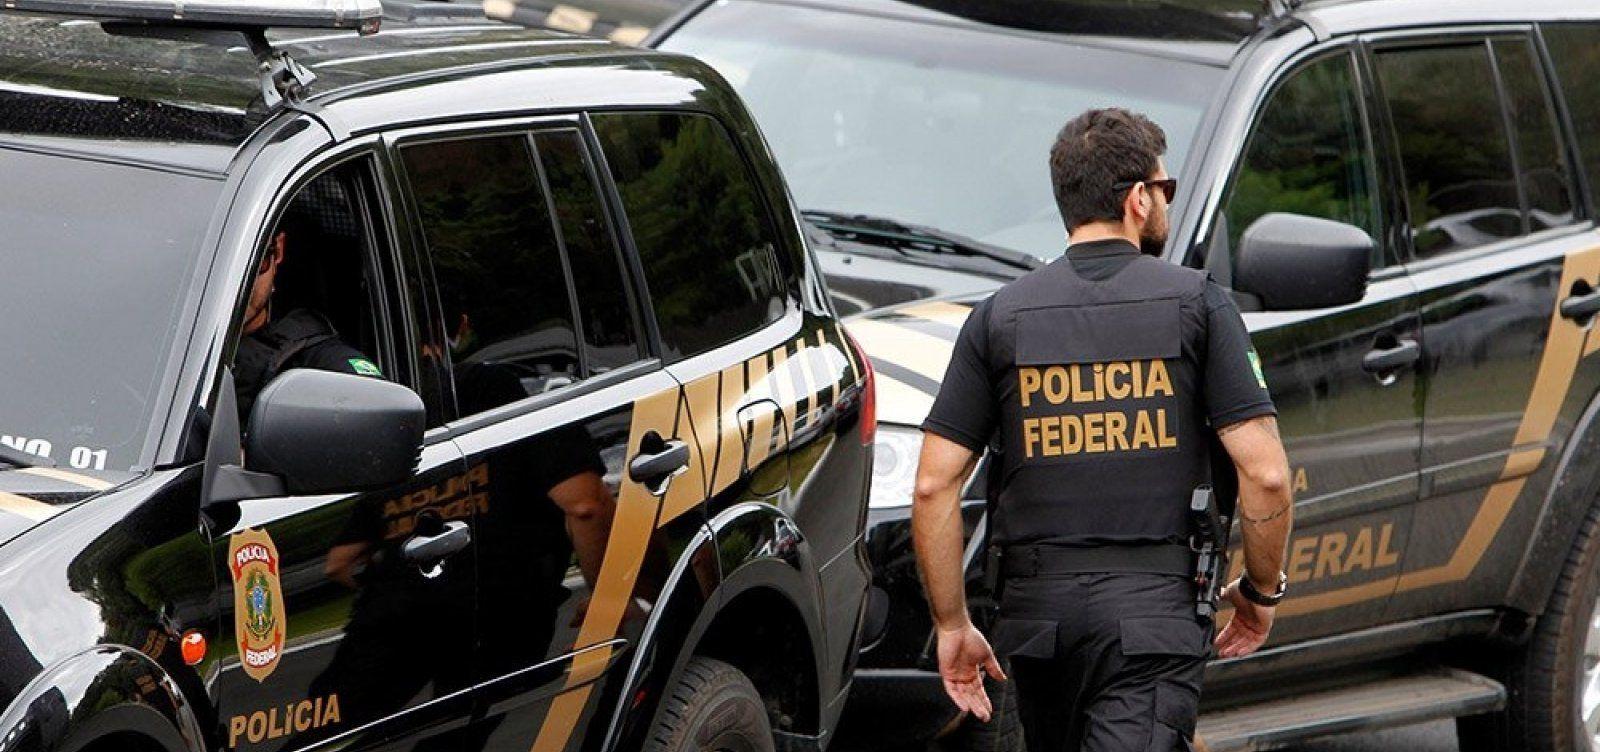 Polícia Federal deflagra operação em cidade do Maranhão por suposta prática de compra de votos